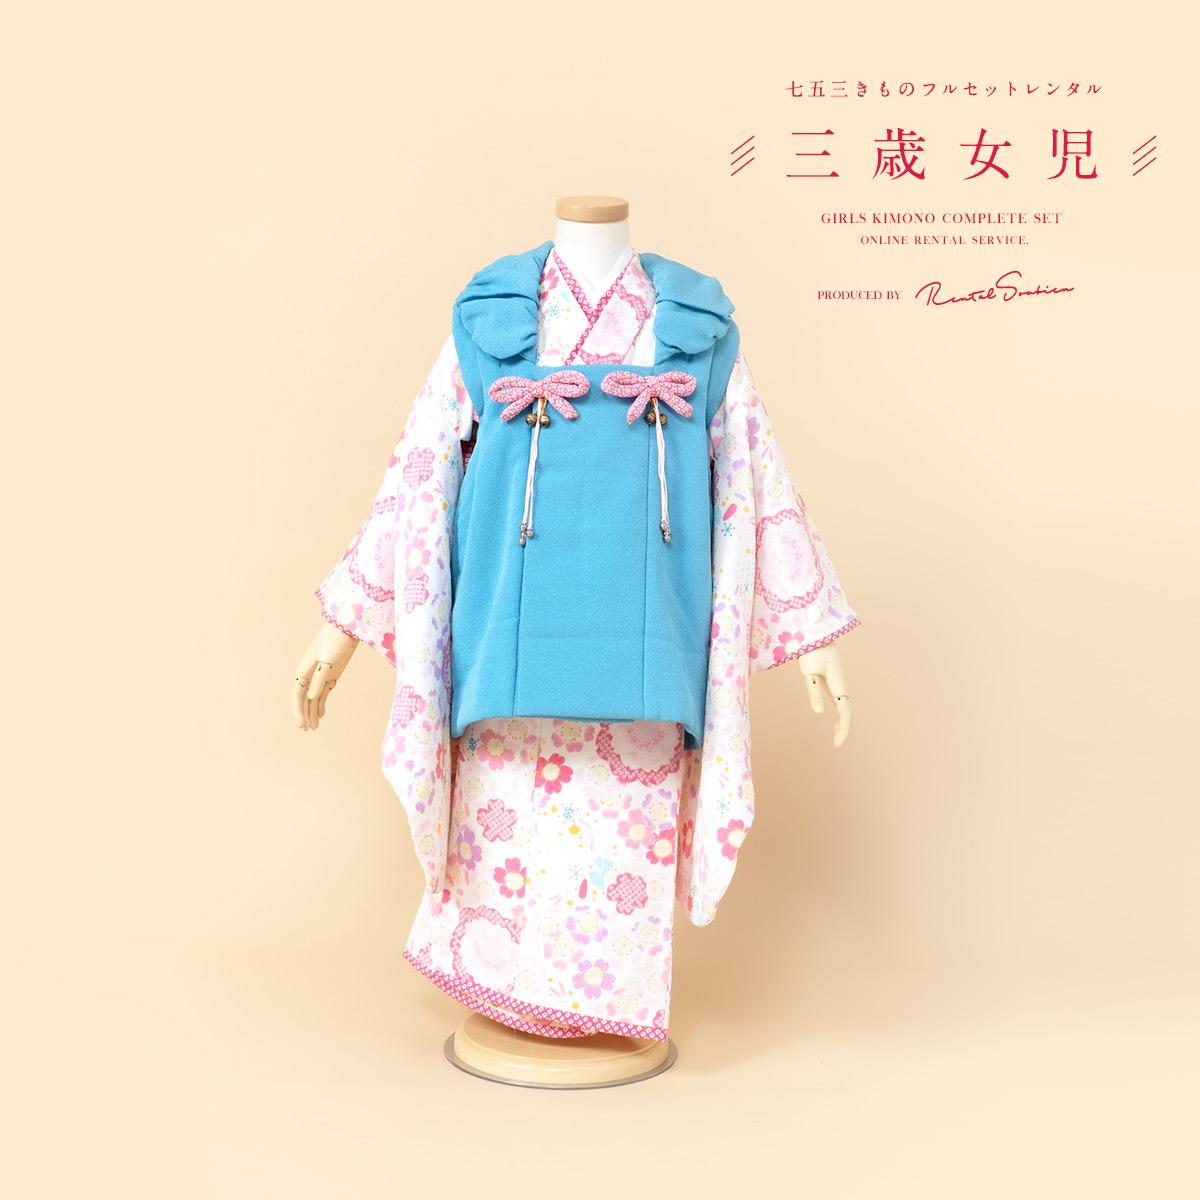 【レンタル】七五三 レンタル 3歳 着物セット 女の子 フルセット 被布セット 水色 ブルー 白 桜尽くし リボン ジャパンスタイル 被布着 きもの 和服 和装 女児 【往復送料無料】